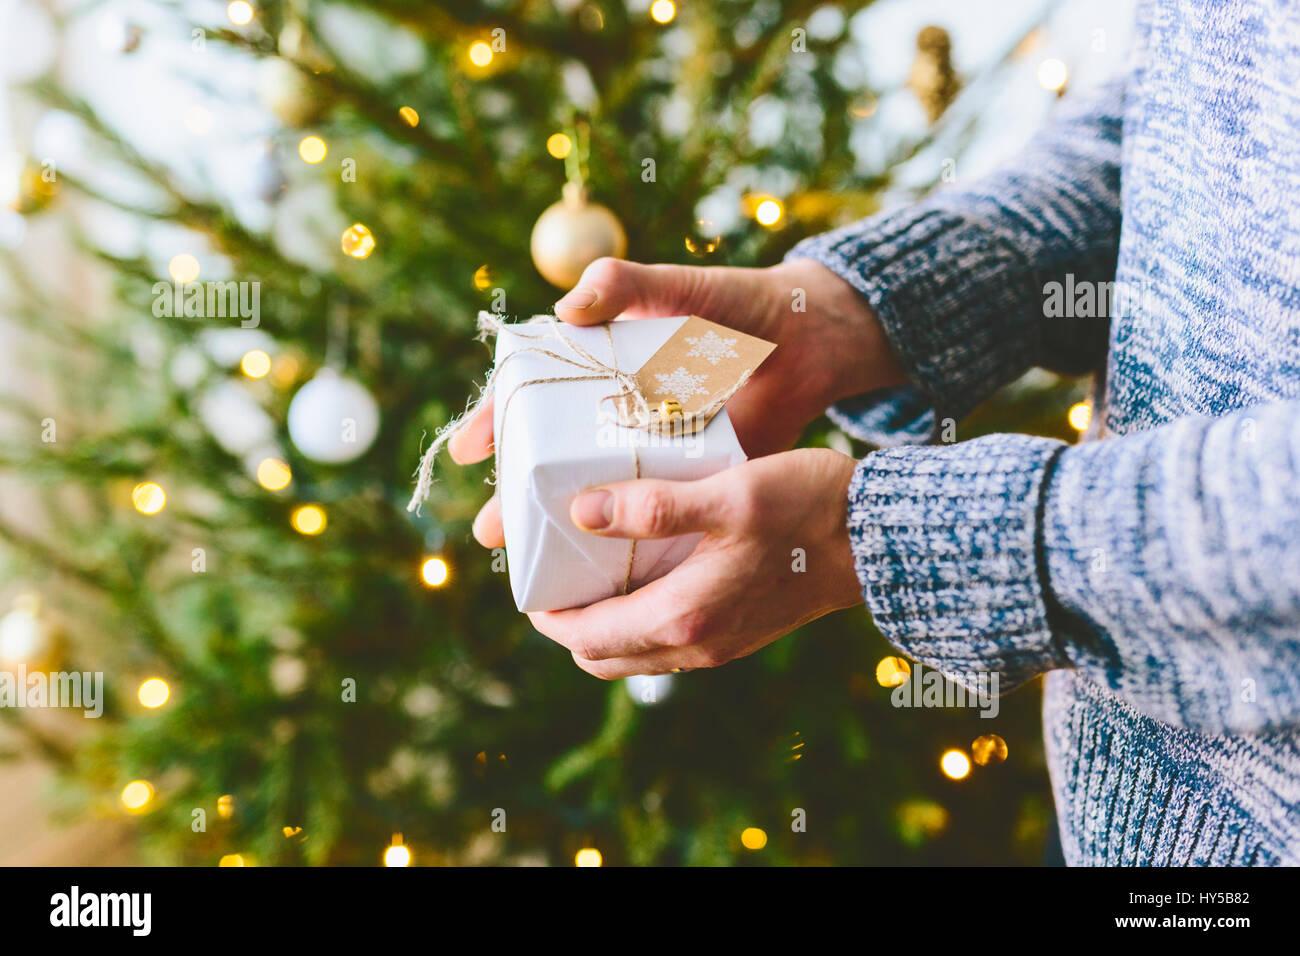 Finlandia, hombre sujetando el regalo de navidad contra el árbol de navidad Imagen De Stock